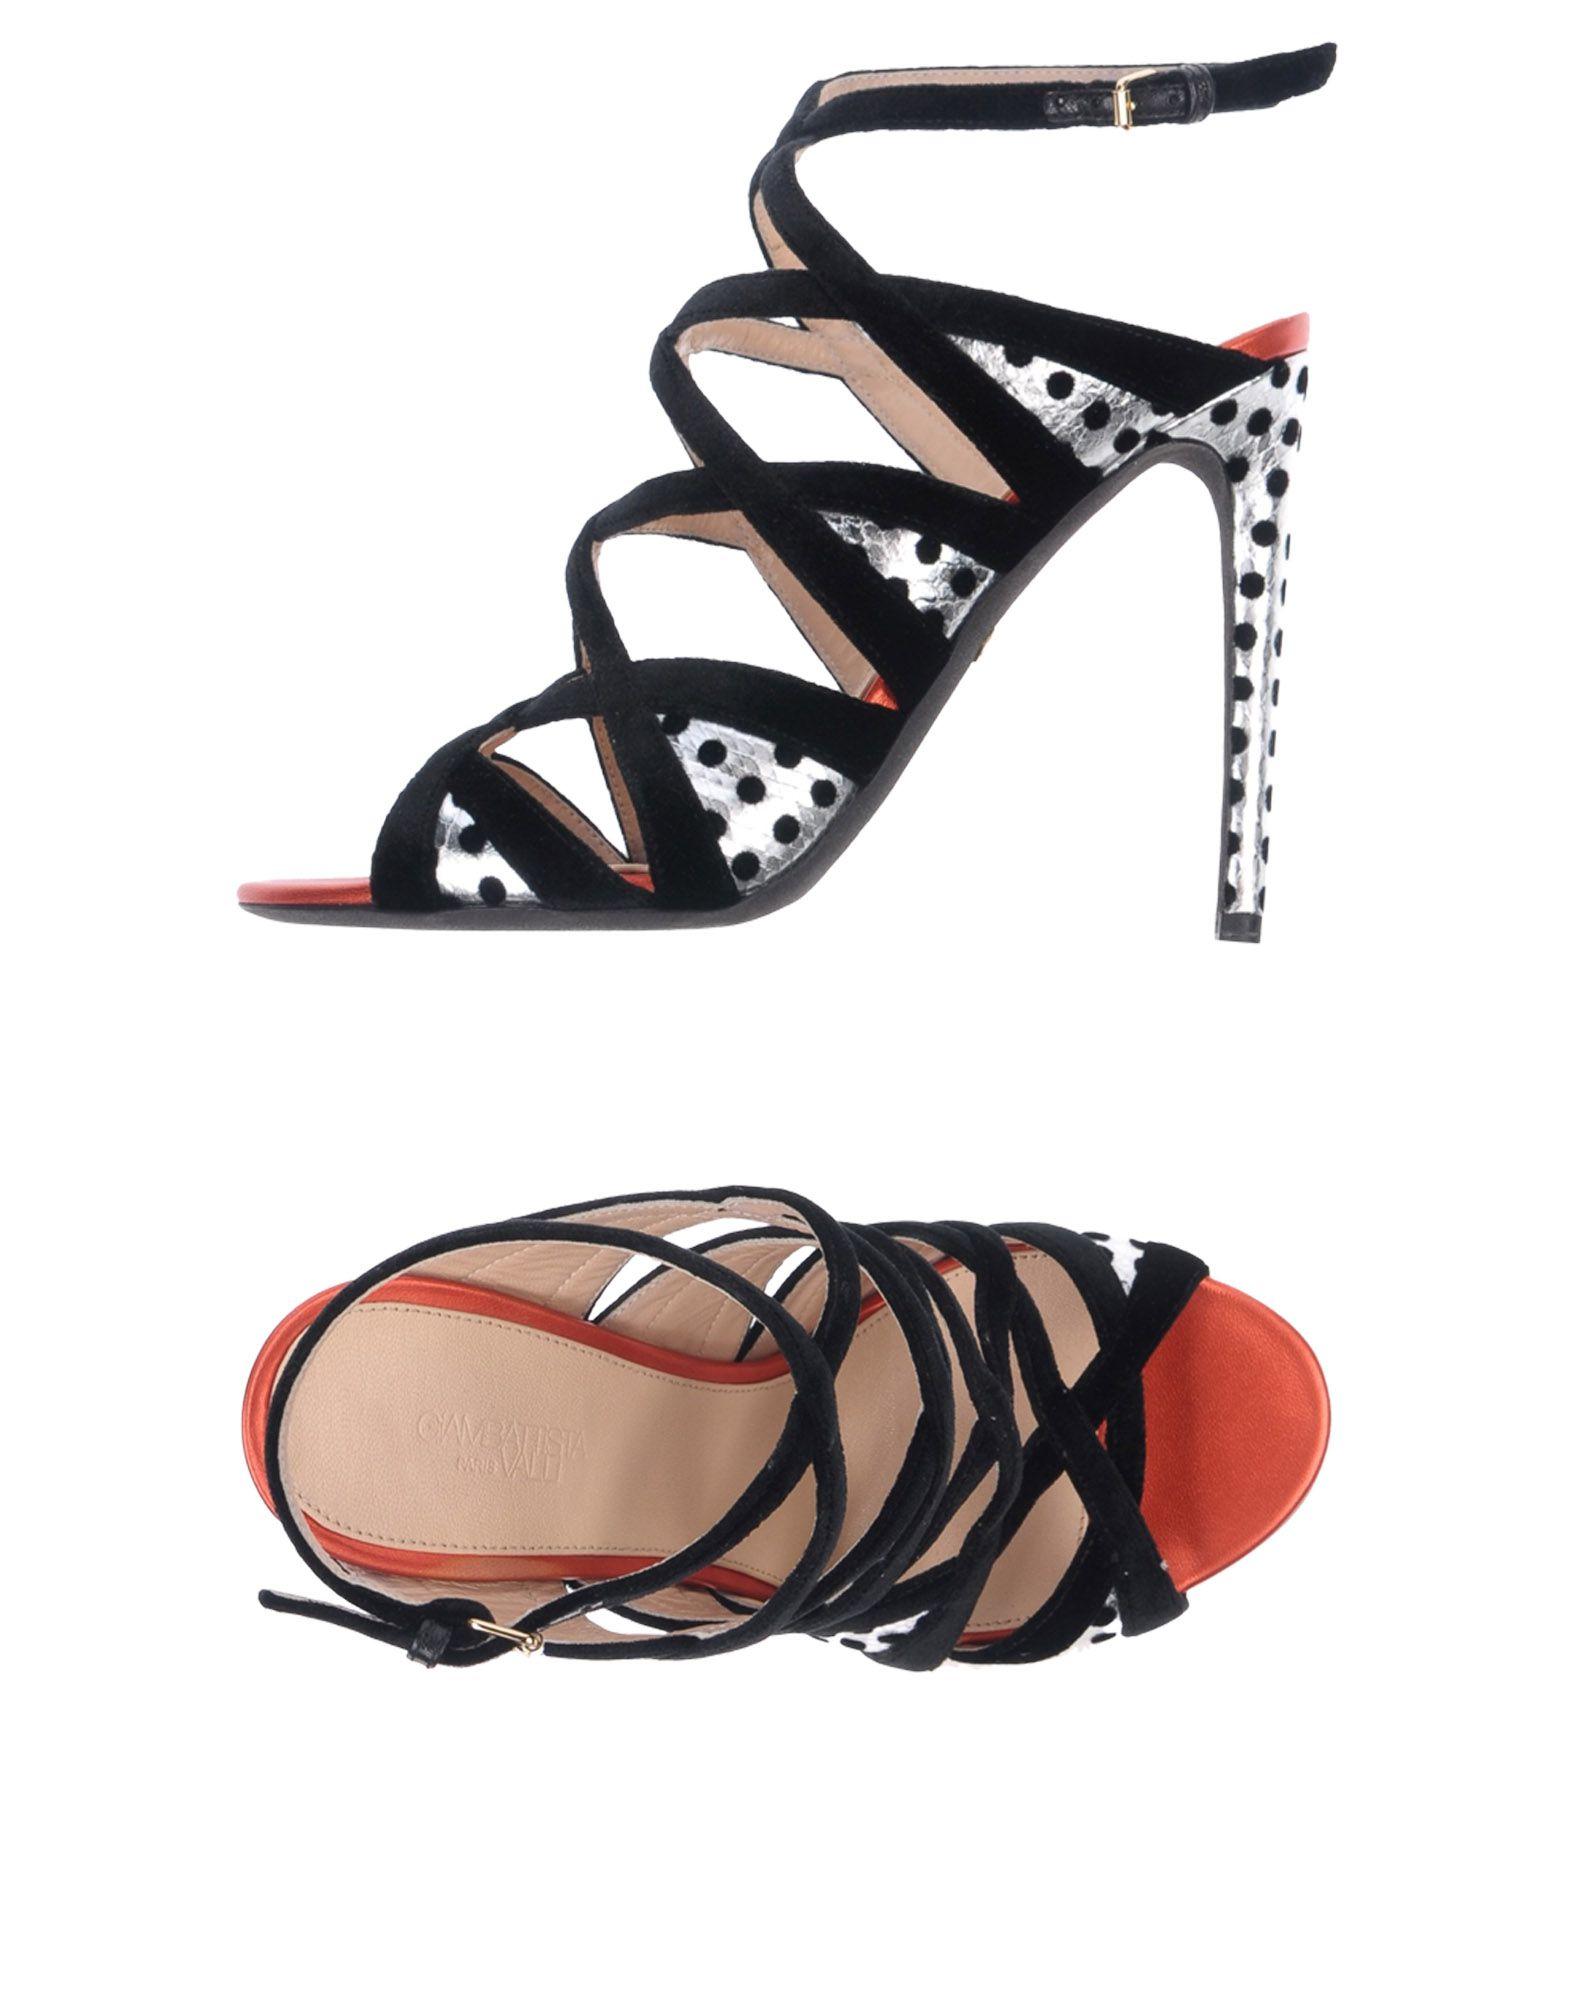 Giambattista Valli Sandalen Damen aussehende  11406186DVGünstige gut aussehende Damen Schuhe ad1050